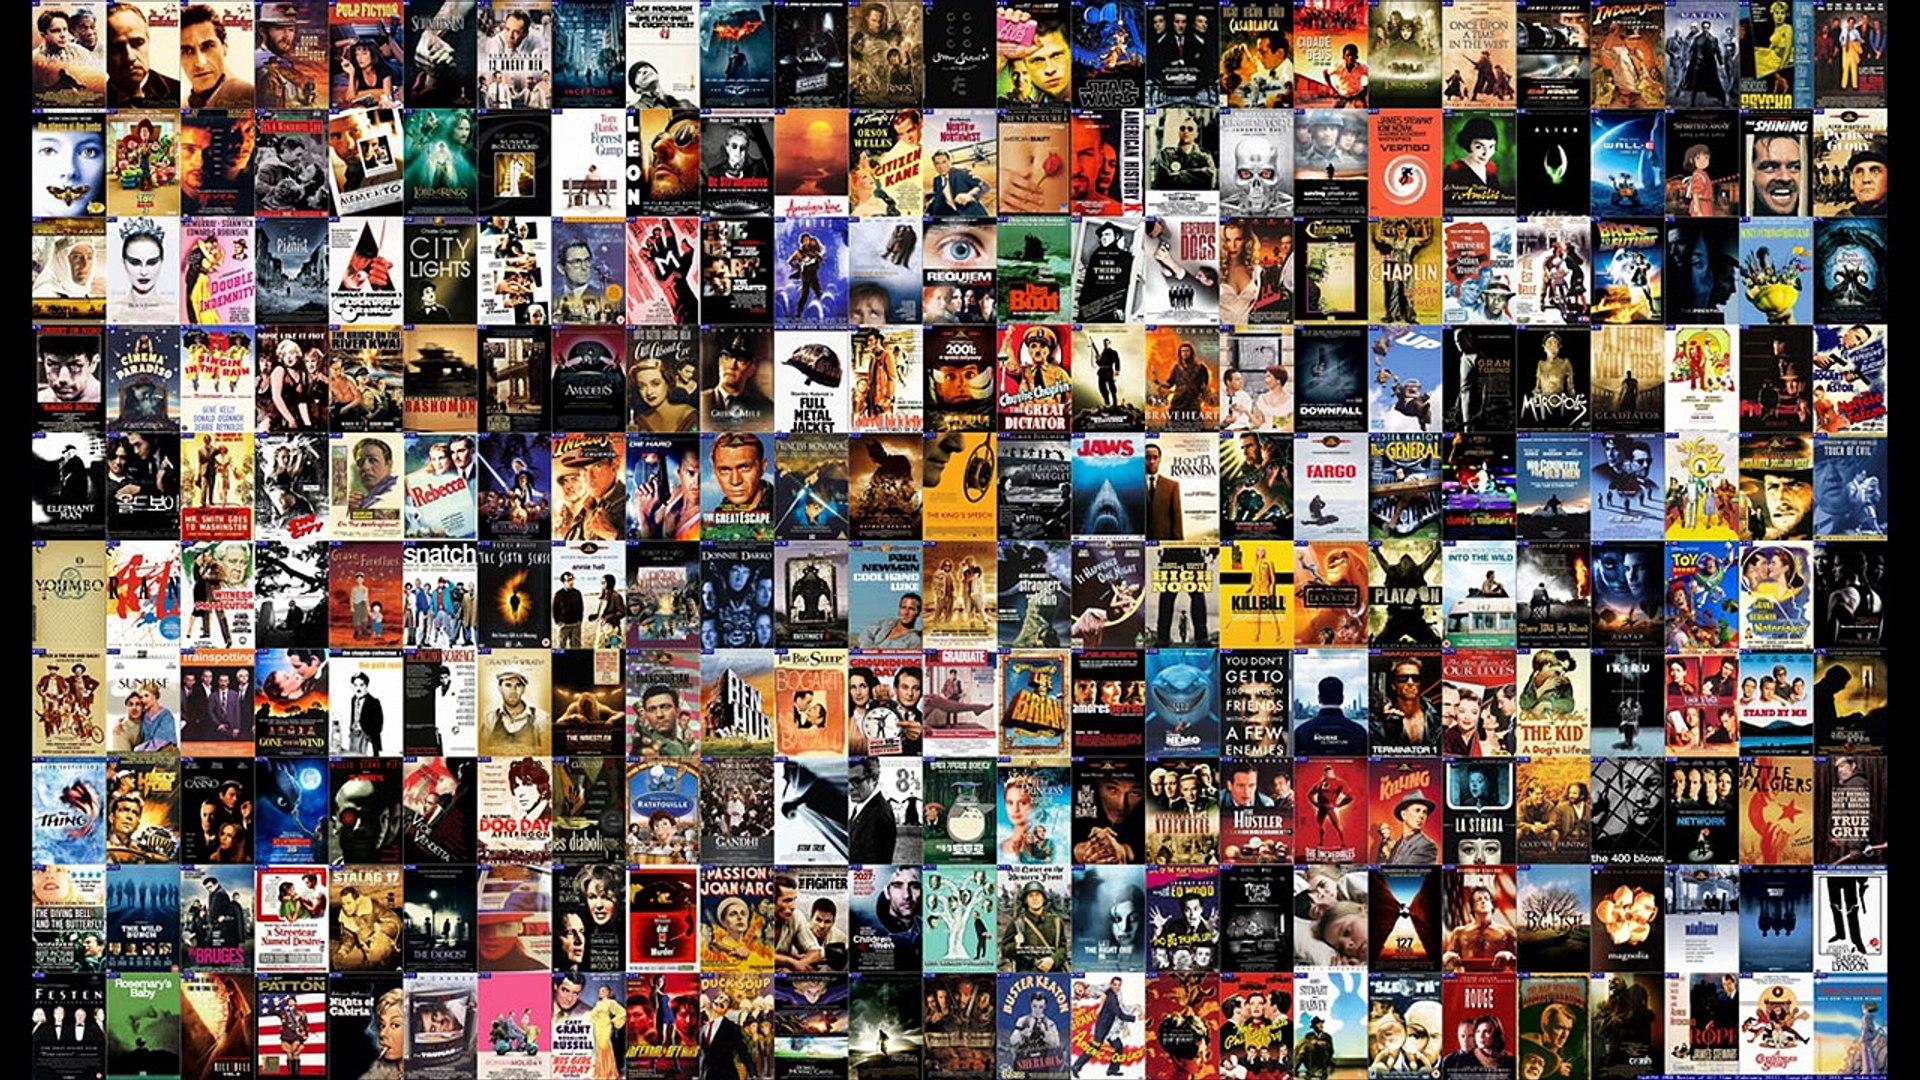 The Karate Kid 2010 F.U.L.L Movie